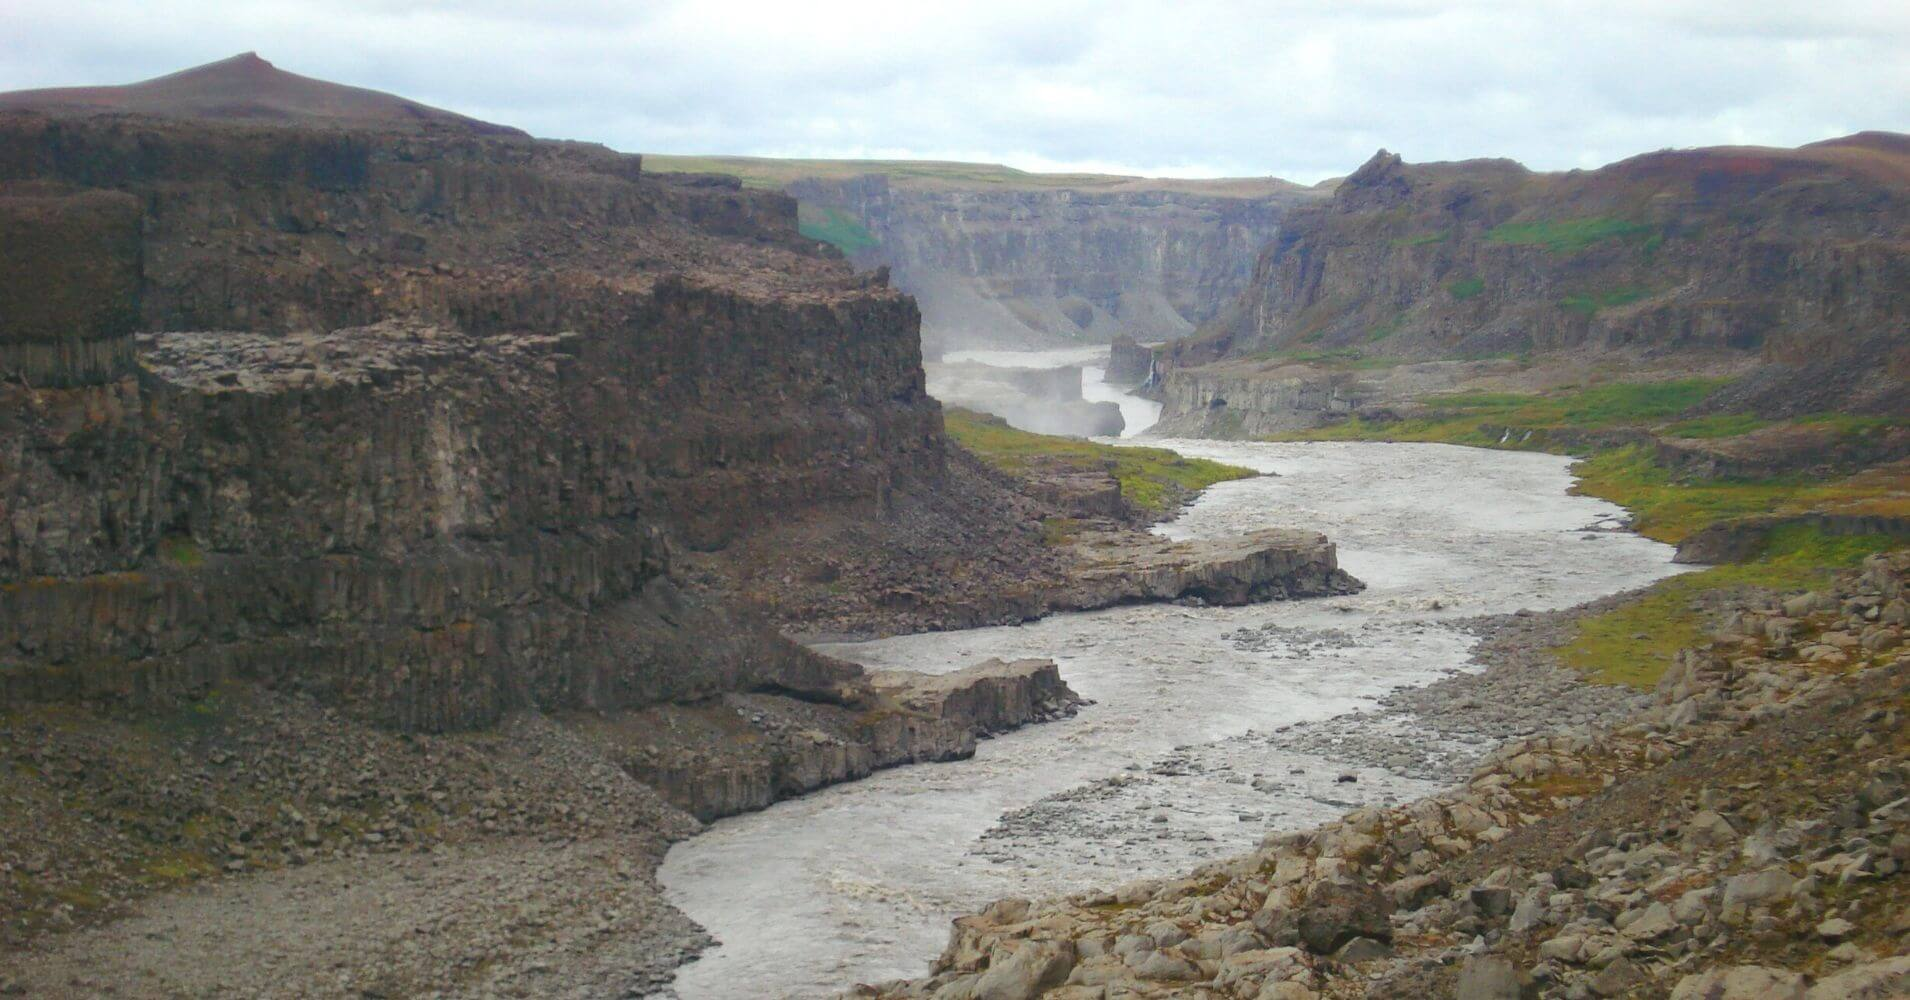 El Cañón del Río Jökulsa. Islandia.